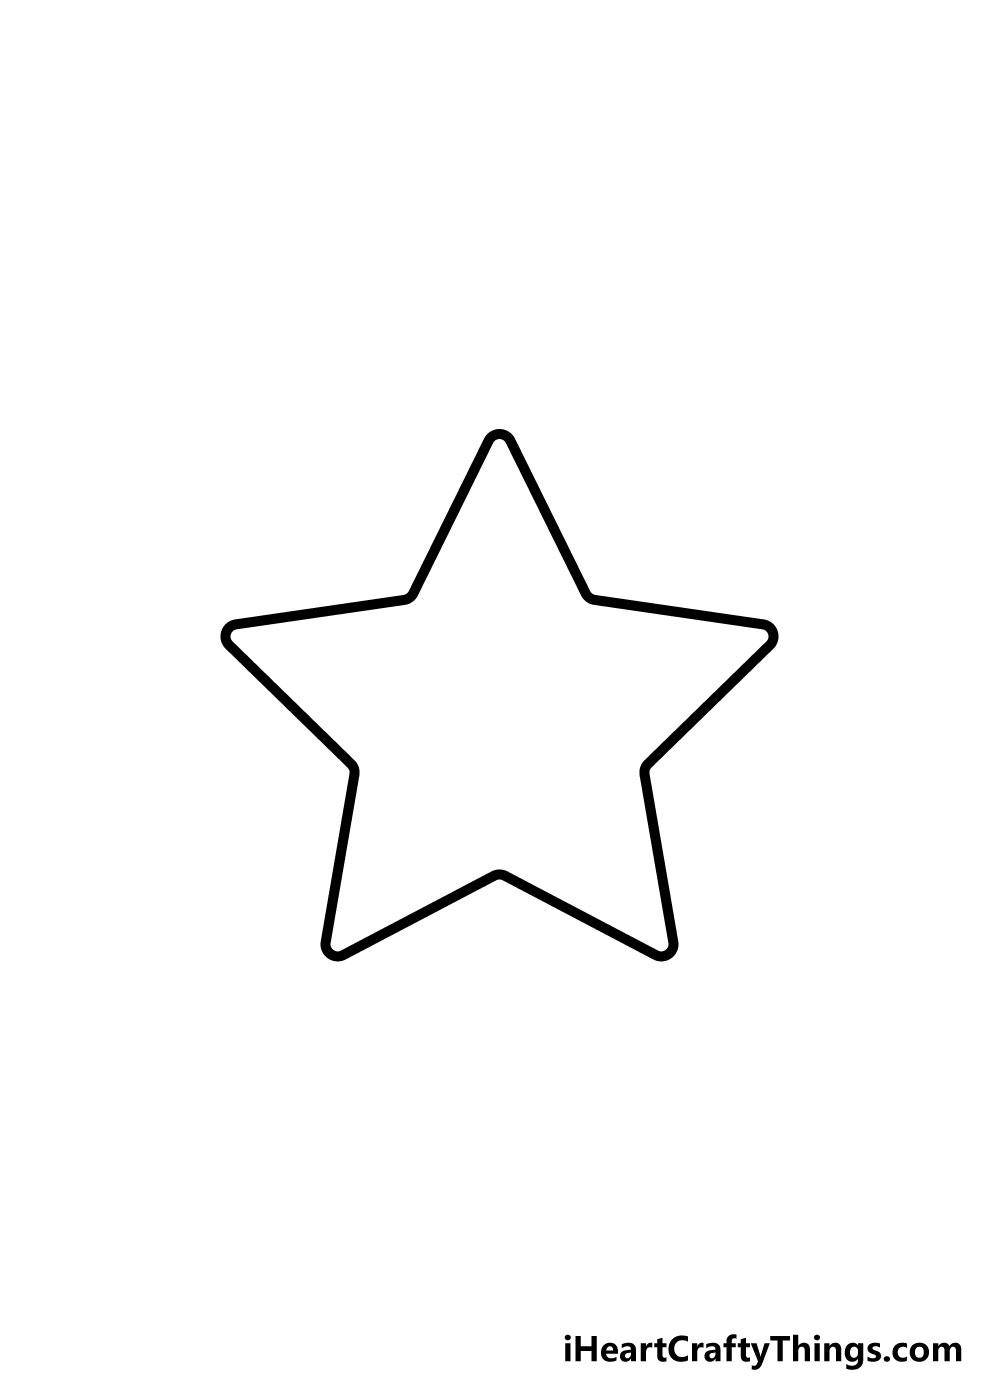 vẽ ngôi sao bước 5